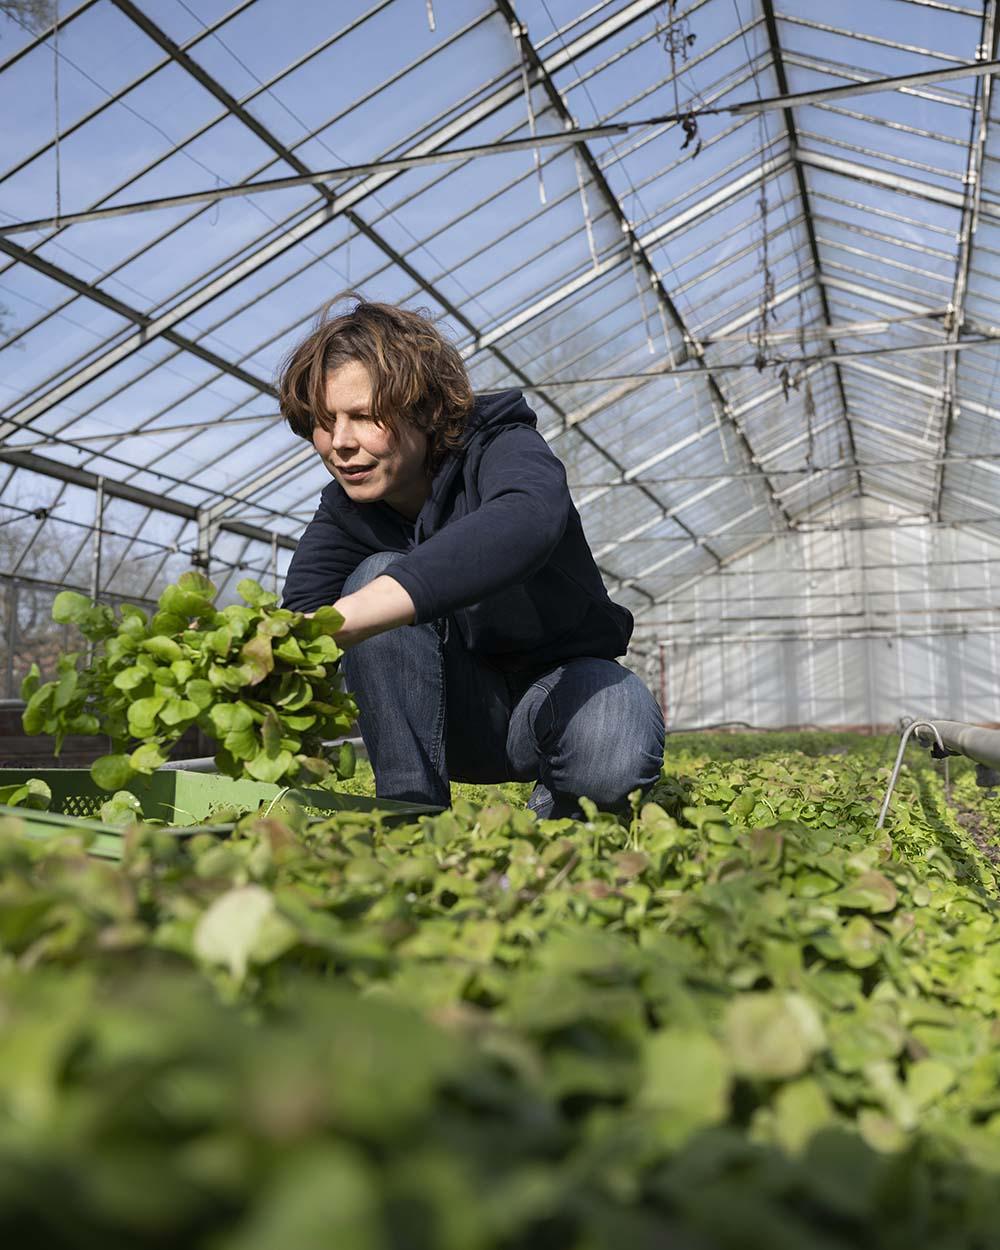 Jenni legt einige Salat-Pflanzen in die Kiste.